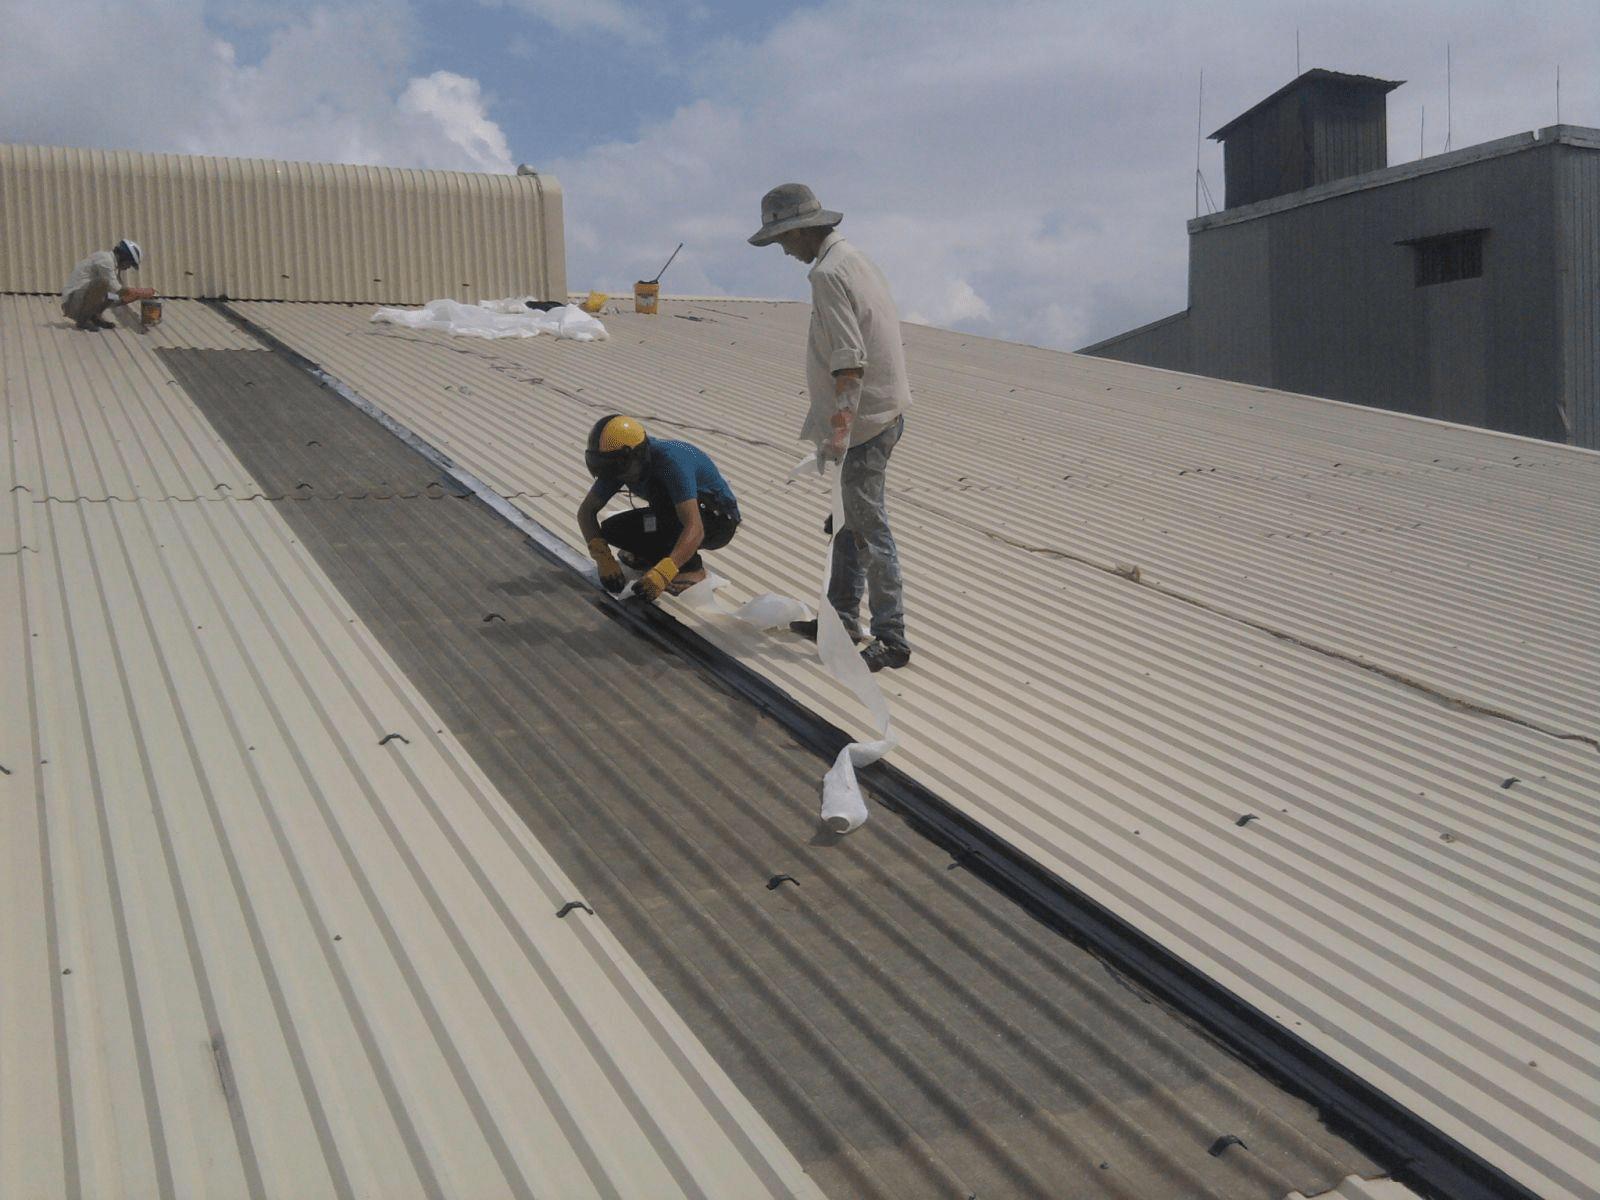 Mua nhôm lợp mái tôn ở đâu chất lượng?